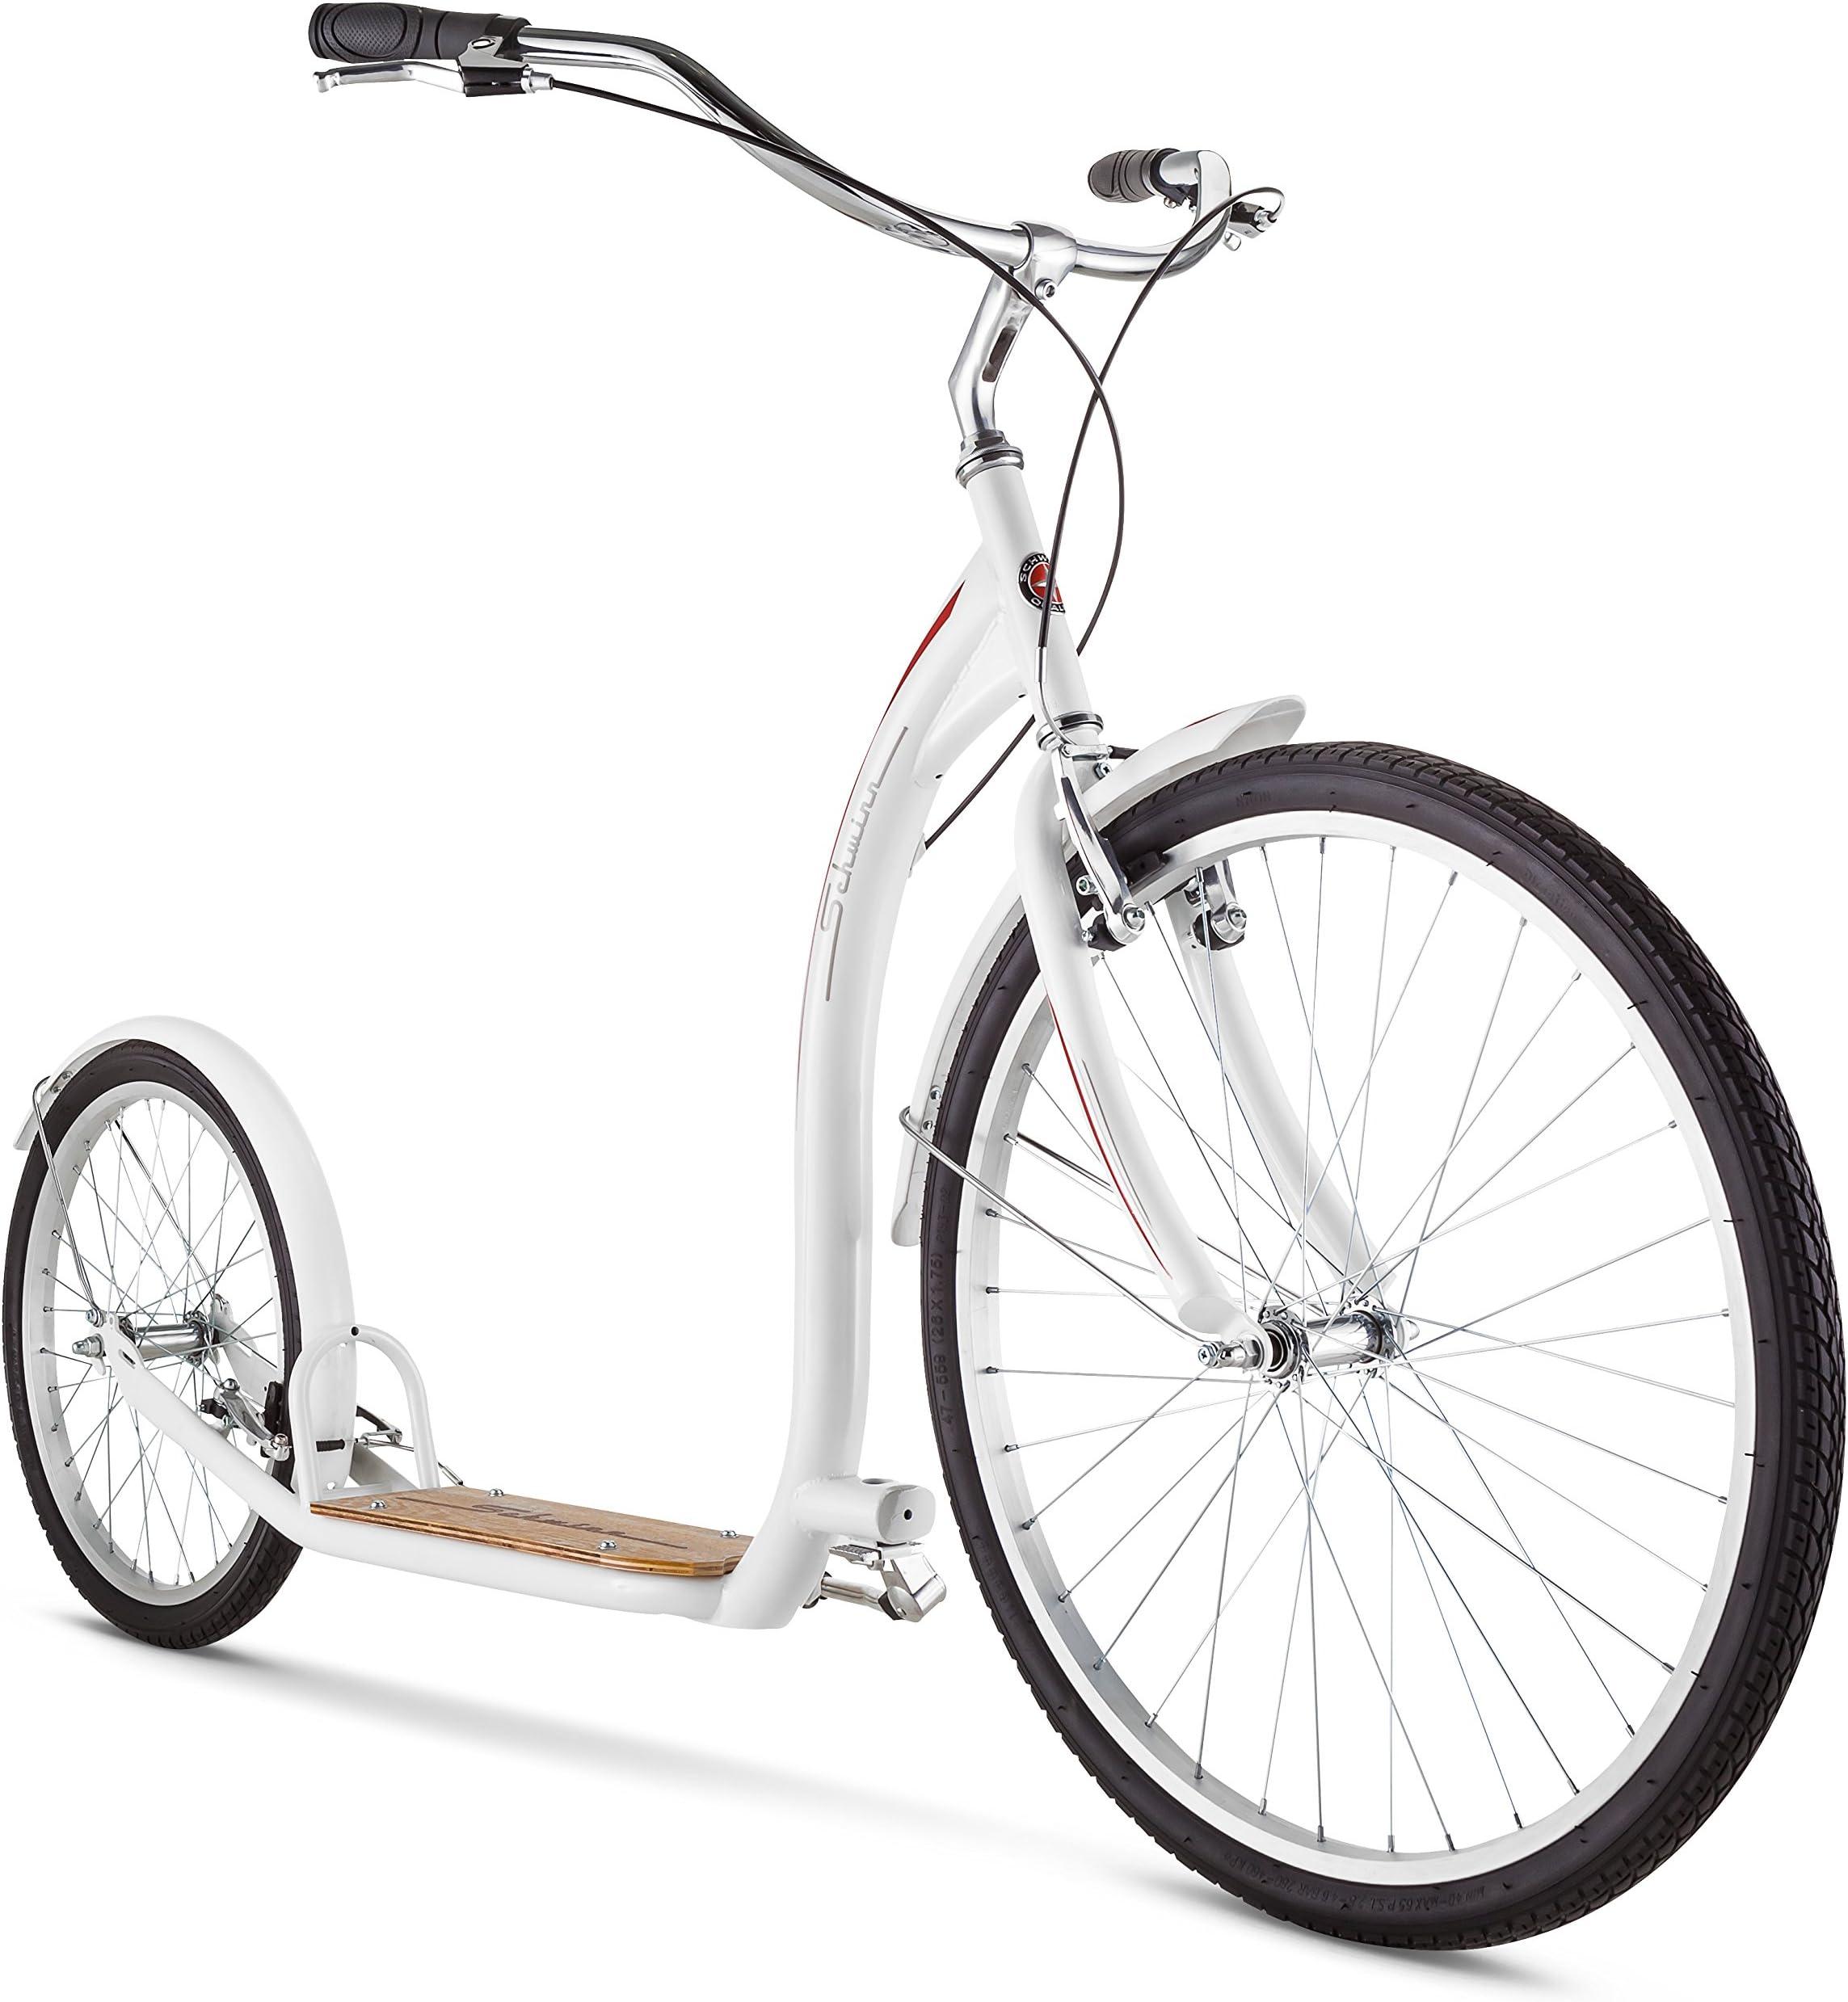 Schwinn Shuffle Adult Scooter, 26-Inch Front Wheel, 20-Inch Rear Wheel, Alloy Linear Pull Brakes, Steel Frame